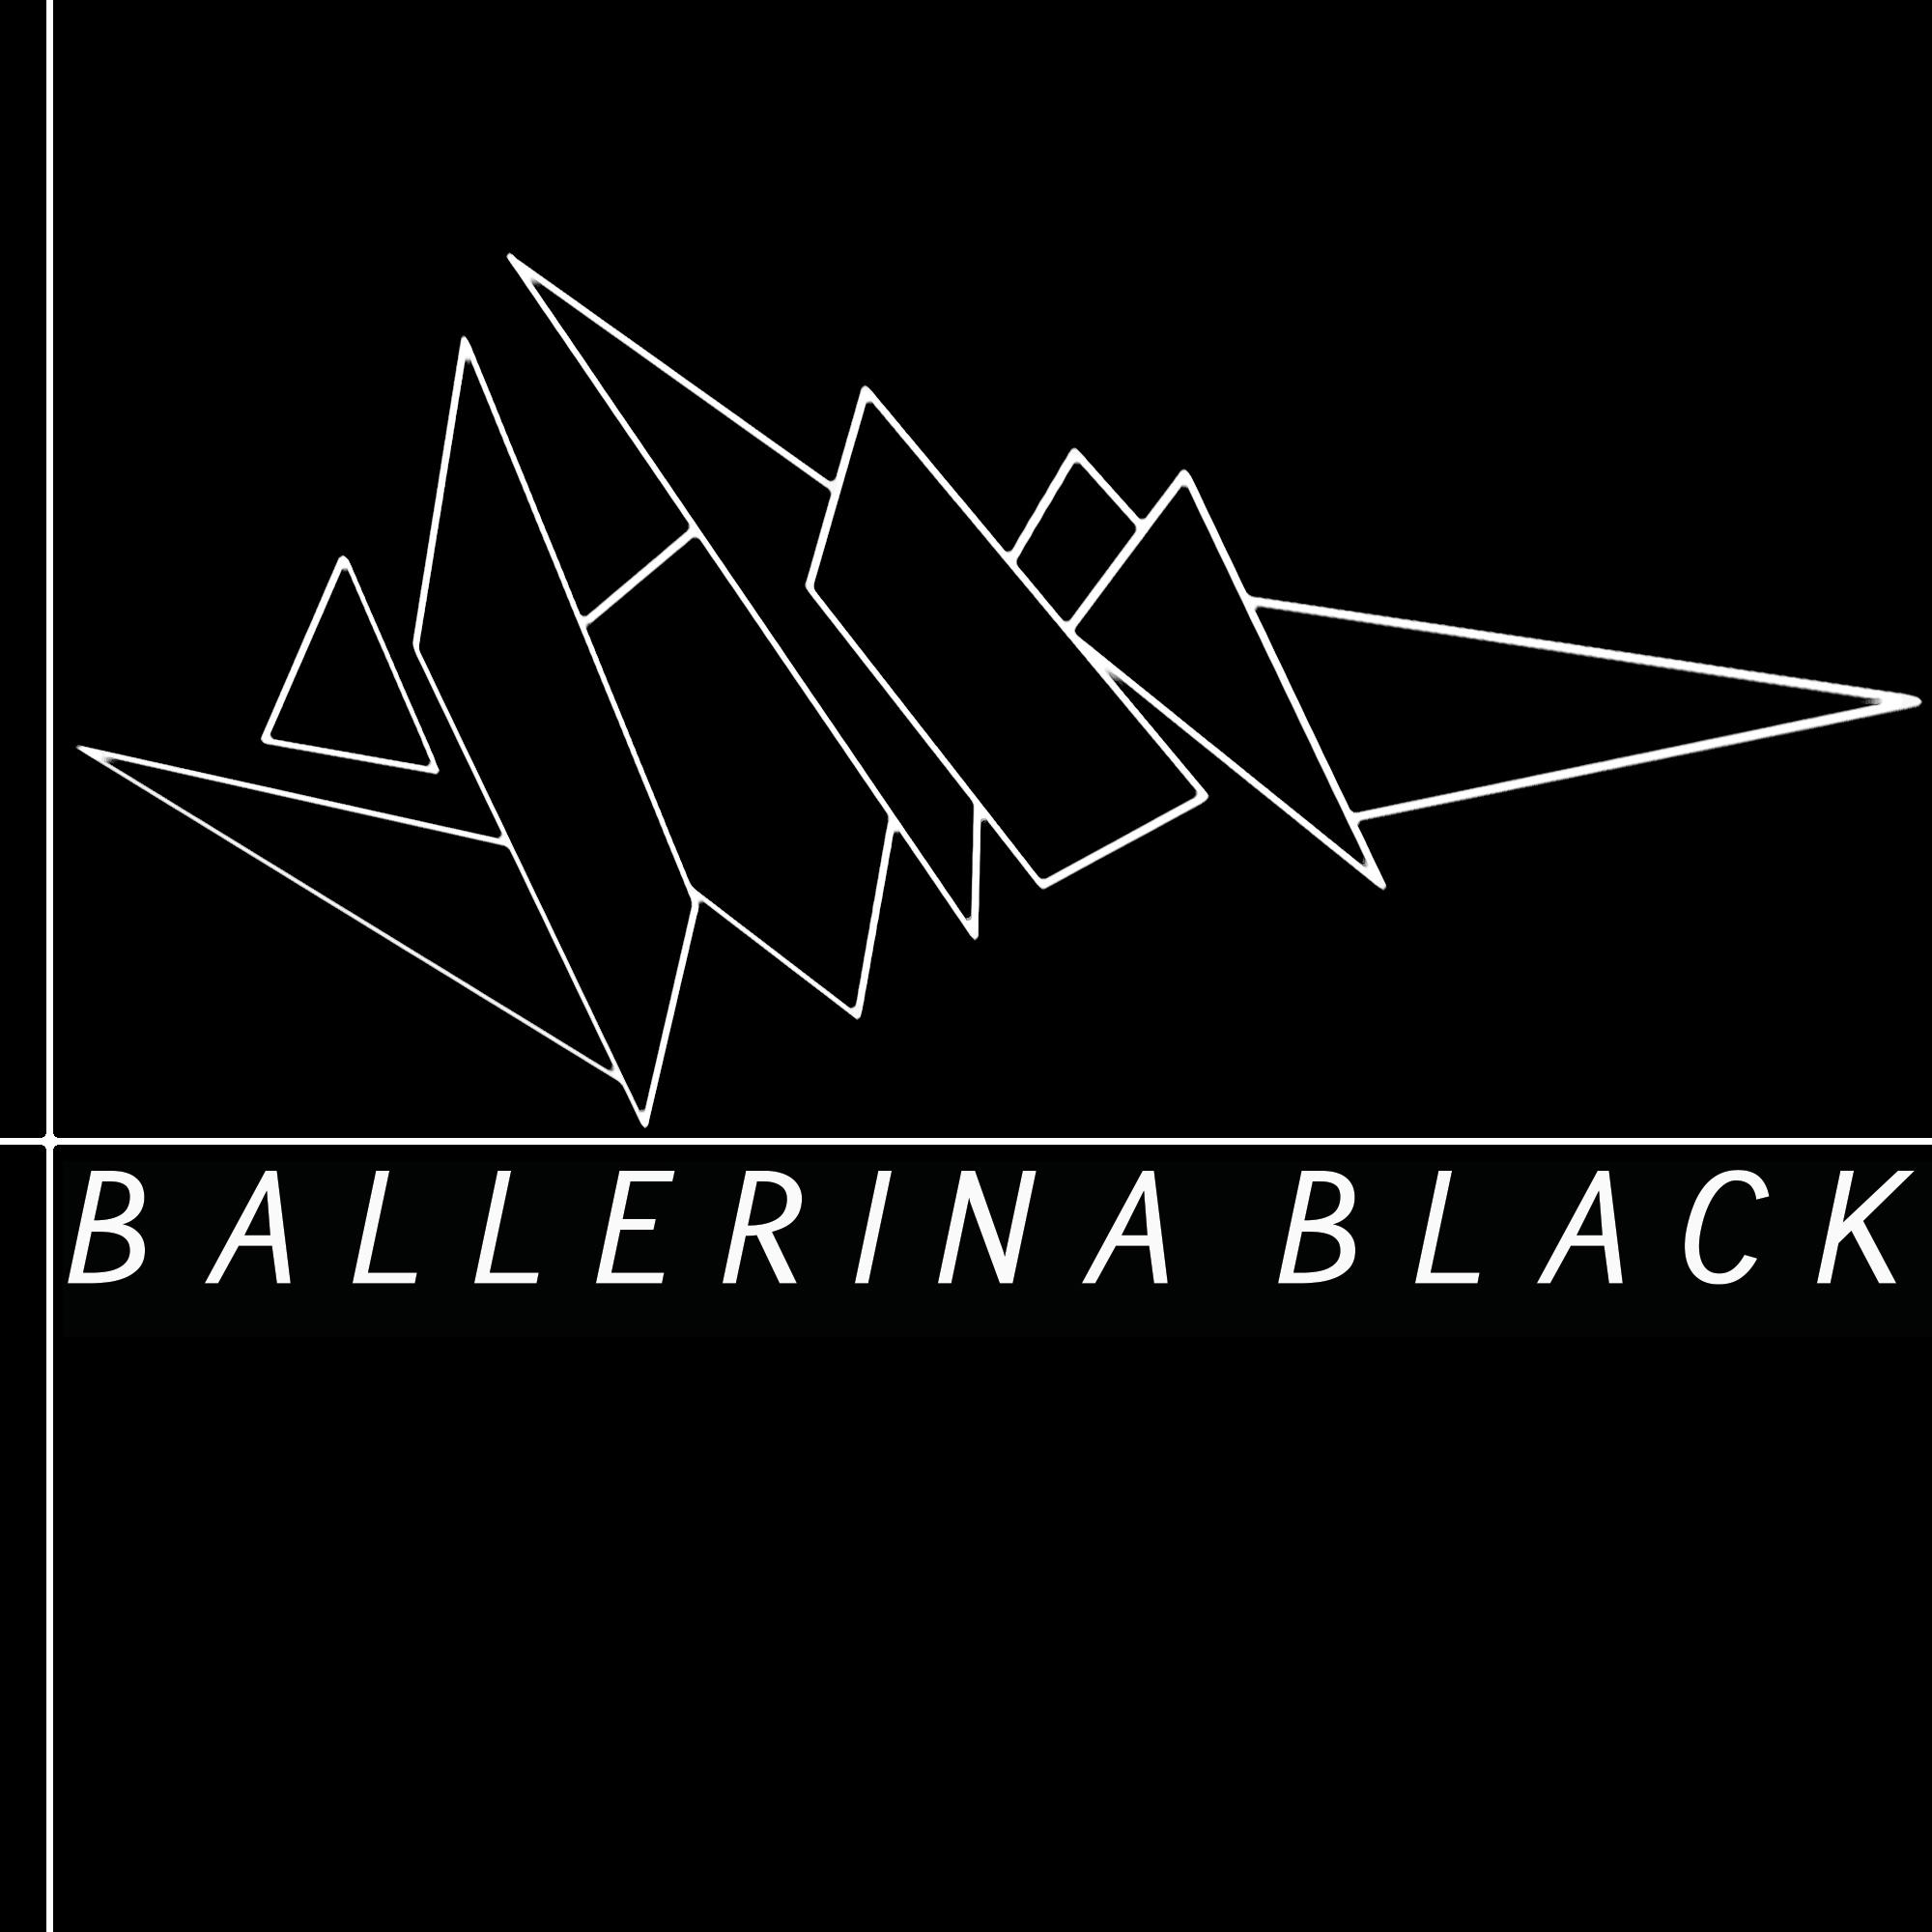 ballerina black Trevin Art 7.jpgtrevin